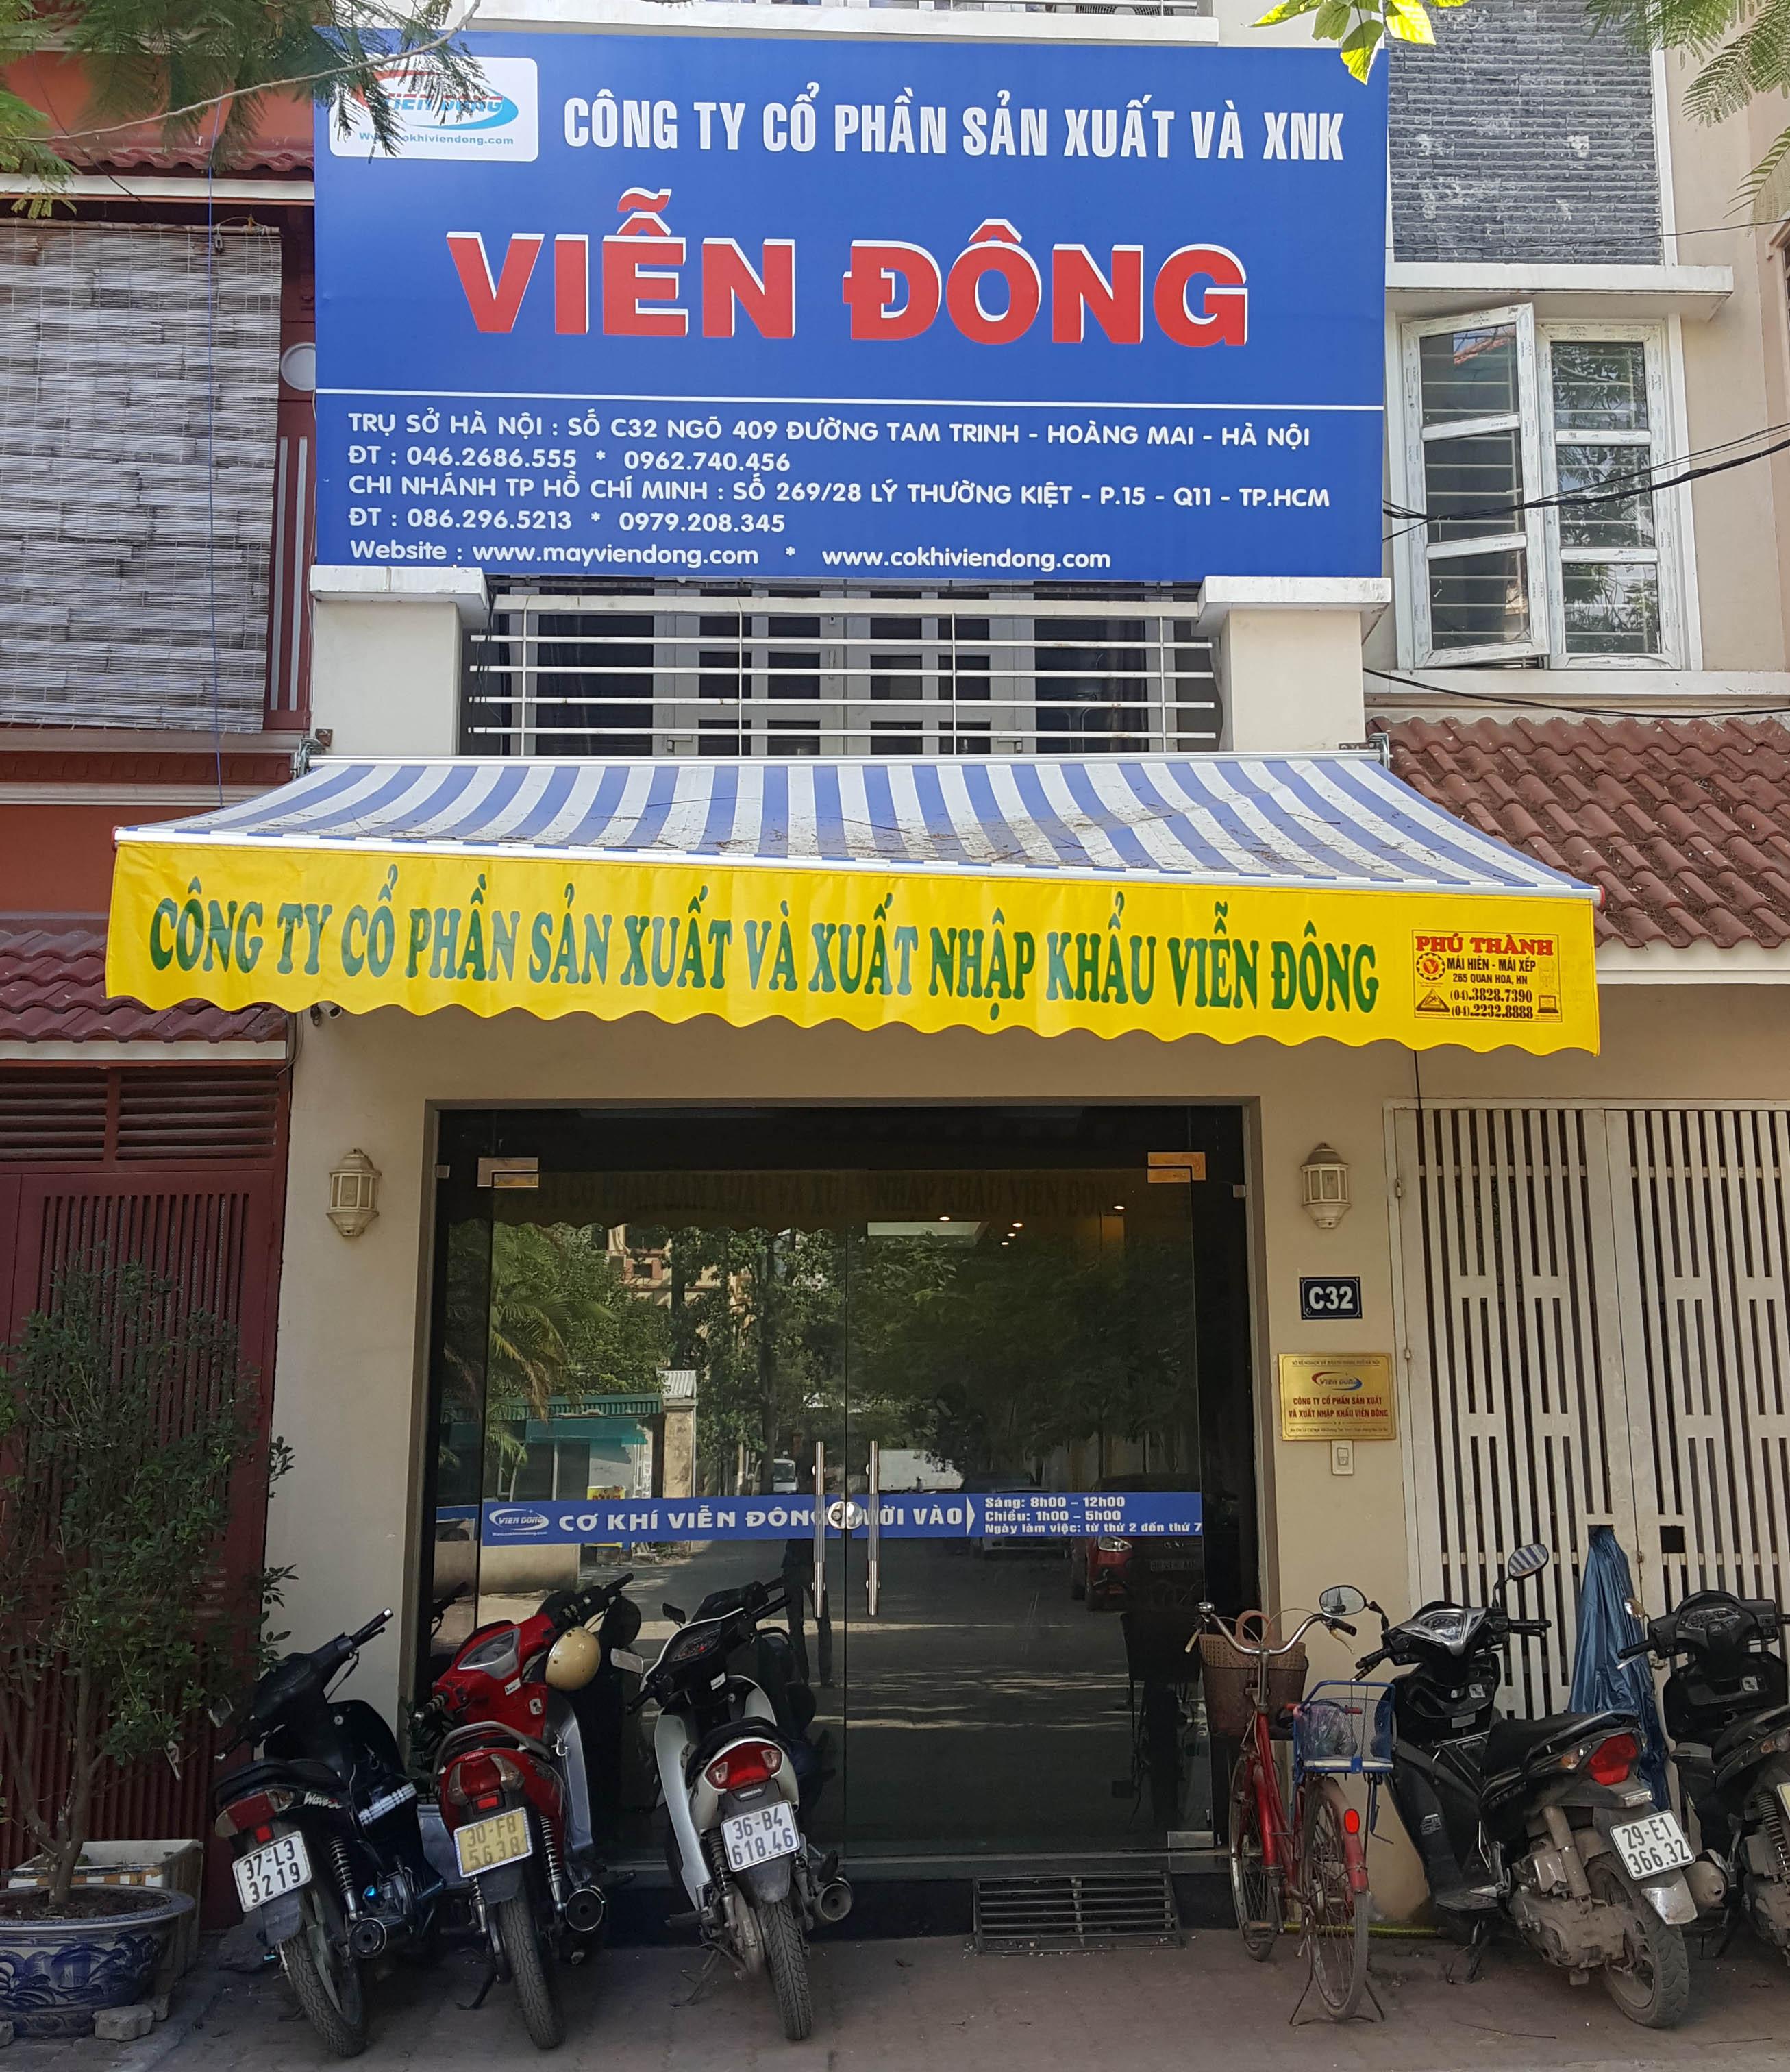 Chi nhánh Hà Nội C32- ngõ 409 tam trinh